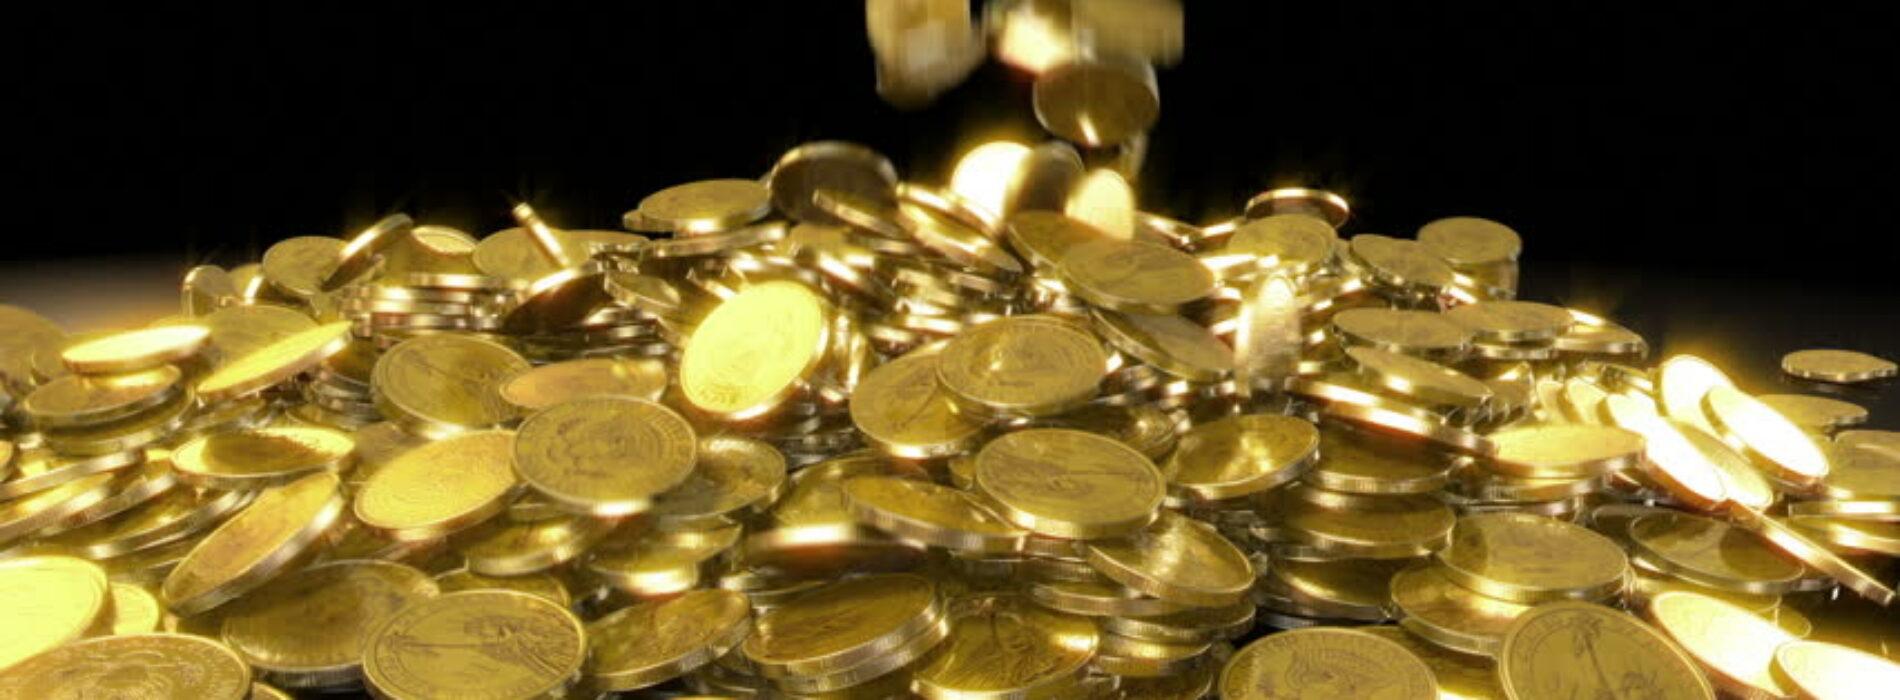 Czym jest moneta bulionowa i czy opłaca się w nią inwestować?